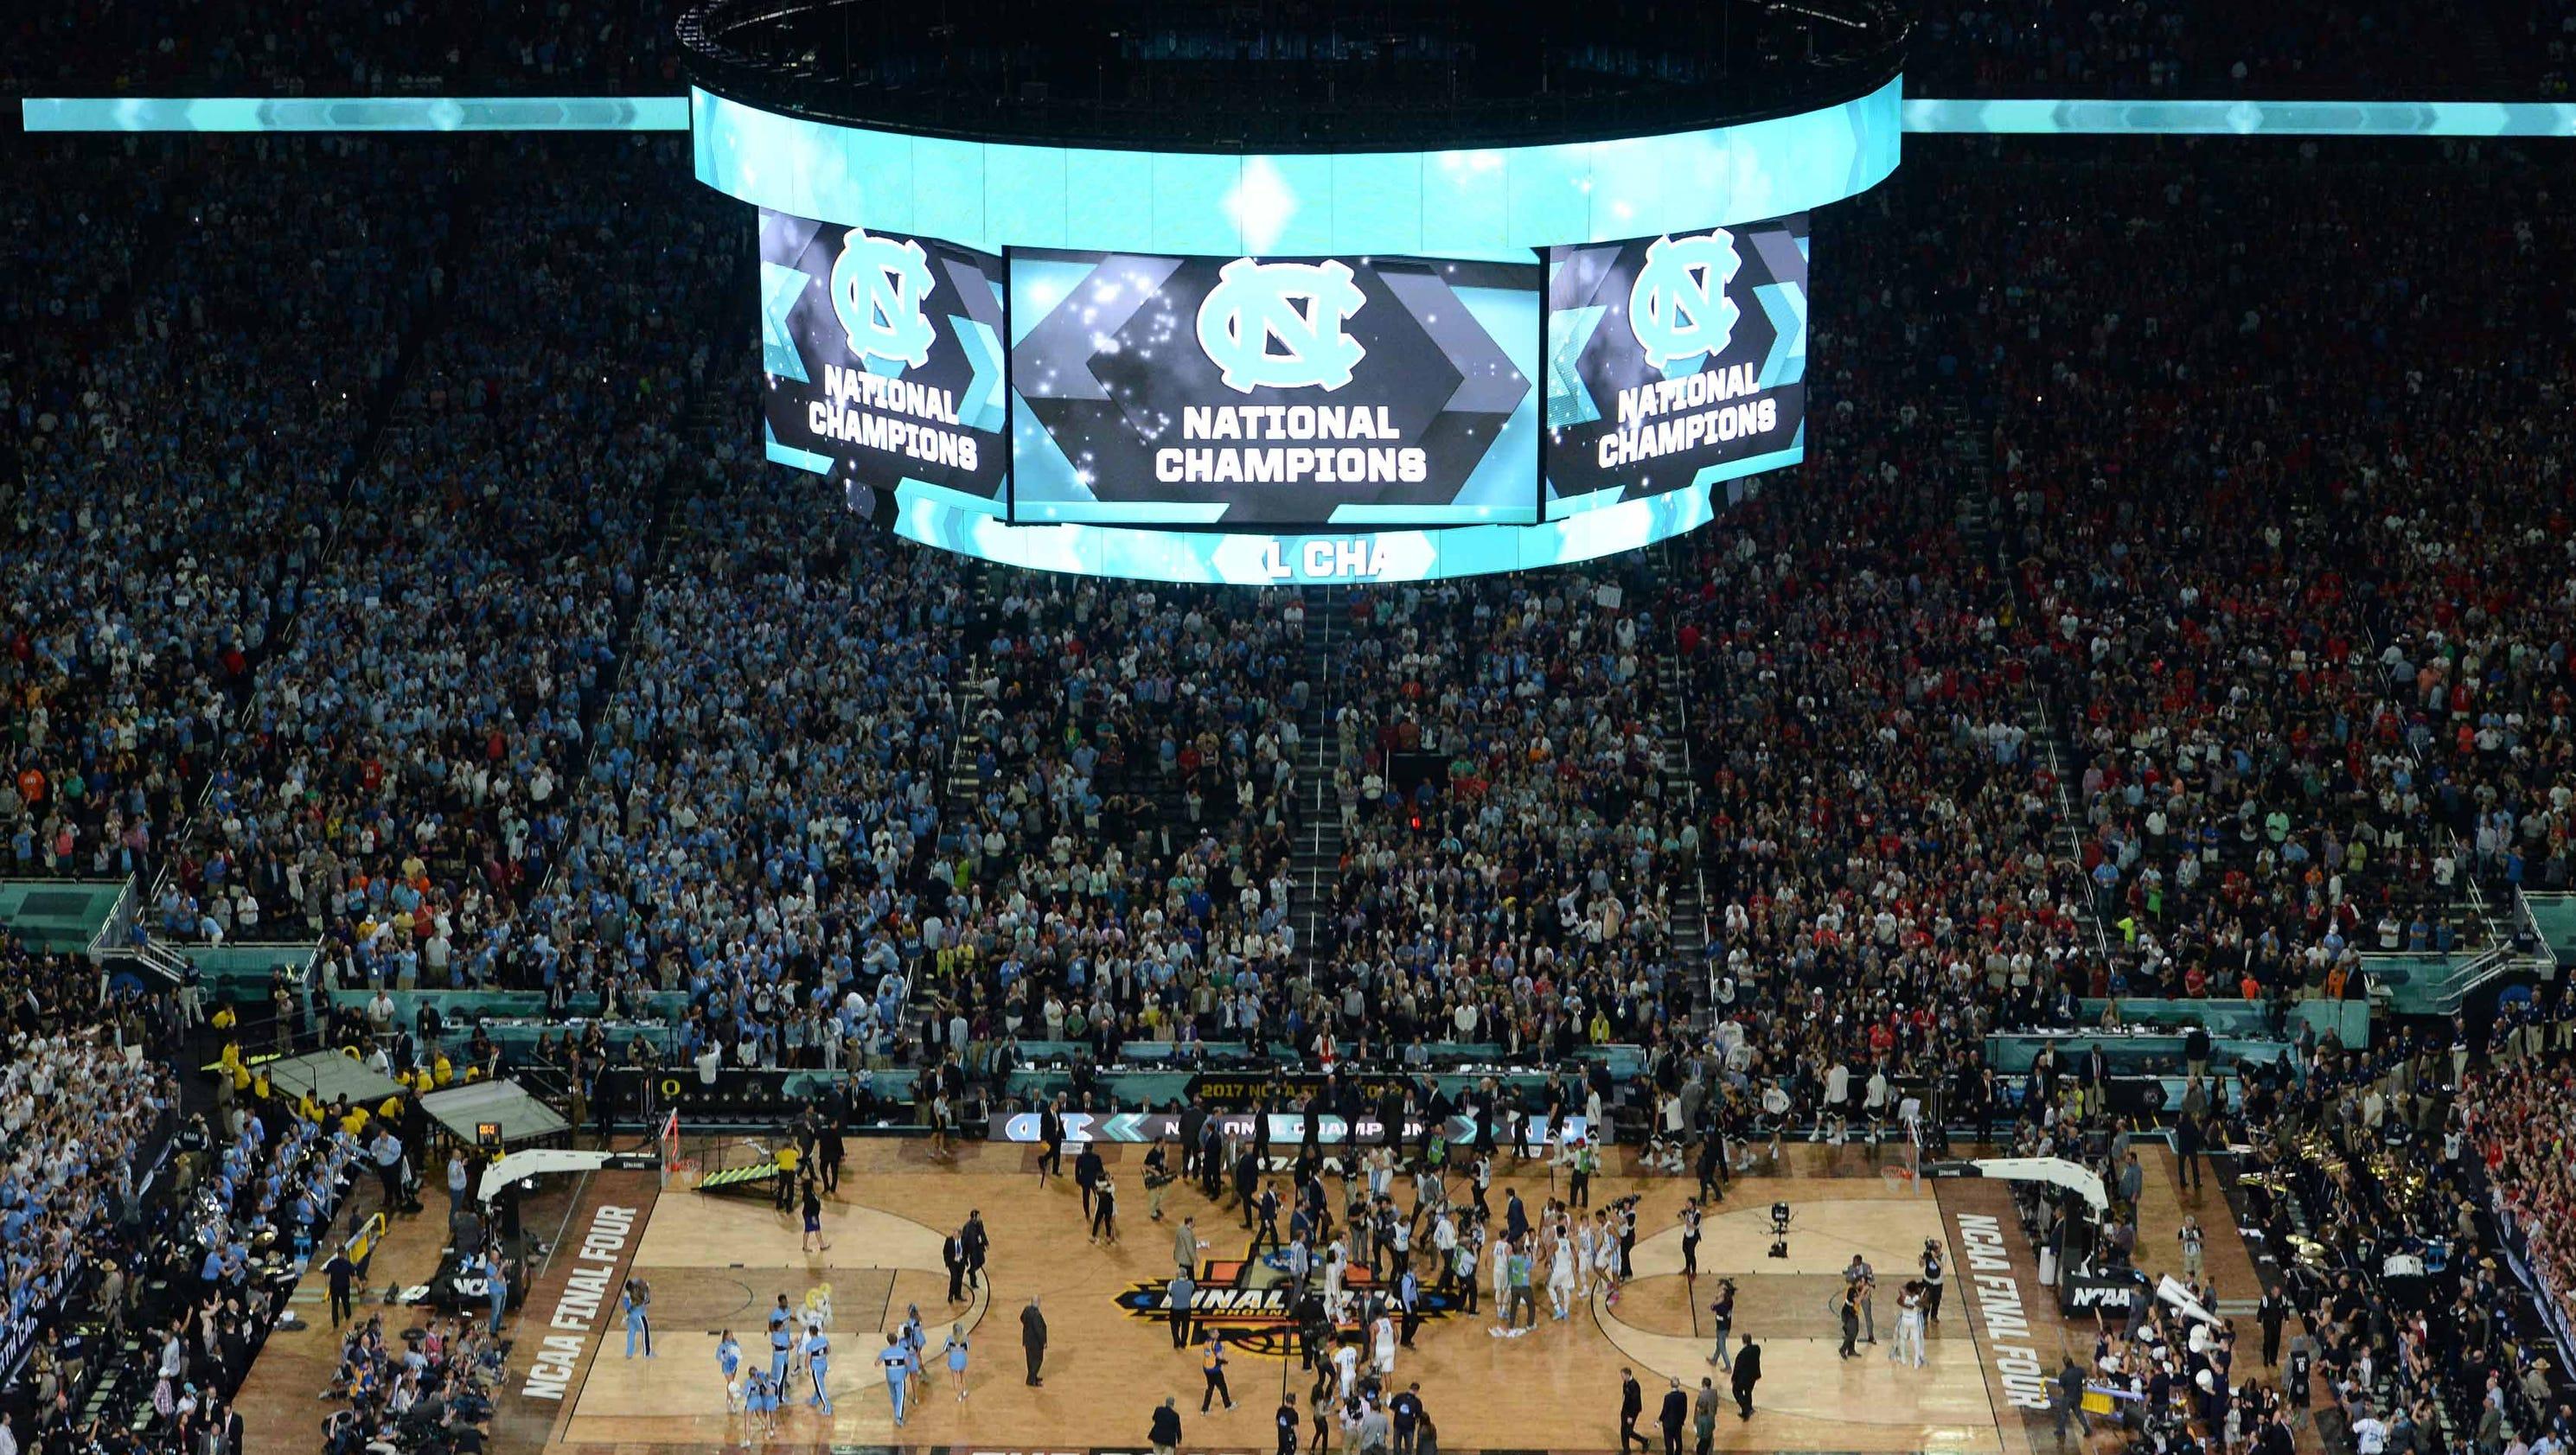 636282838369865576-usp-ncaa-basketball-final-four-championship-game--90005842